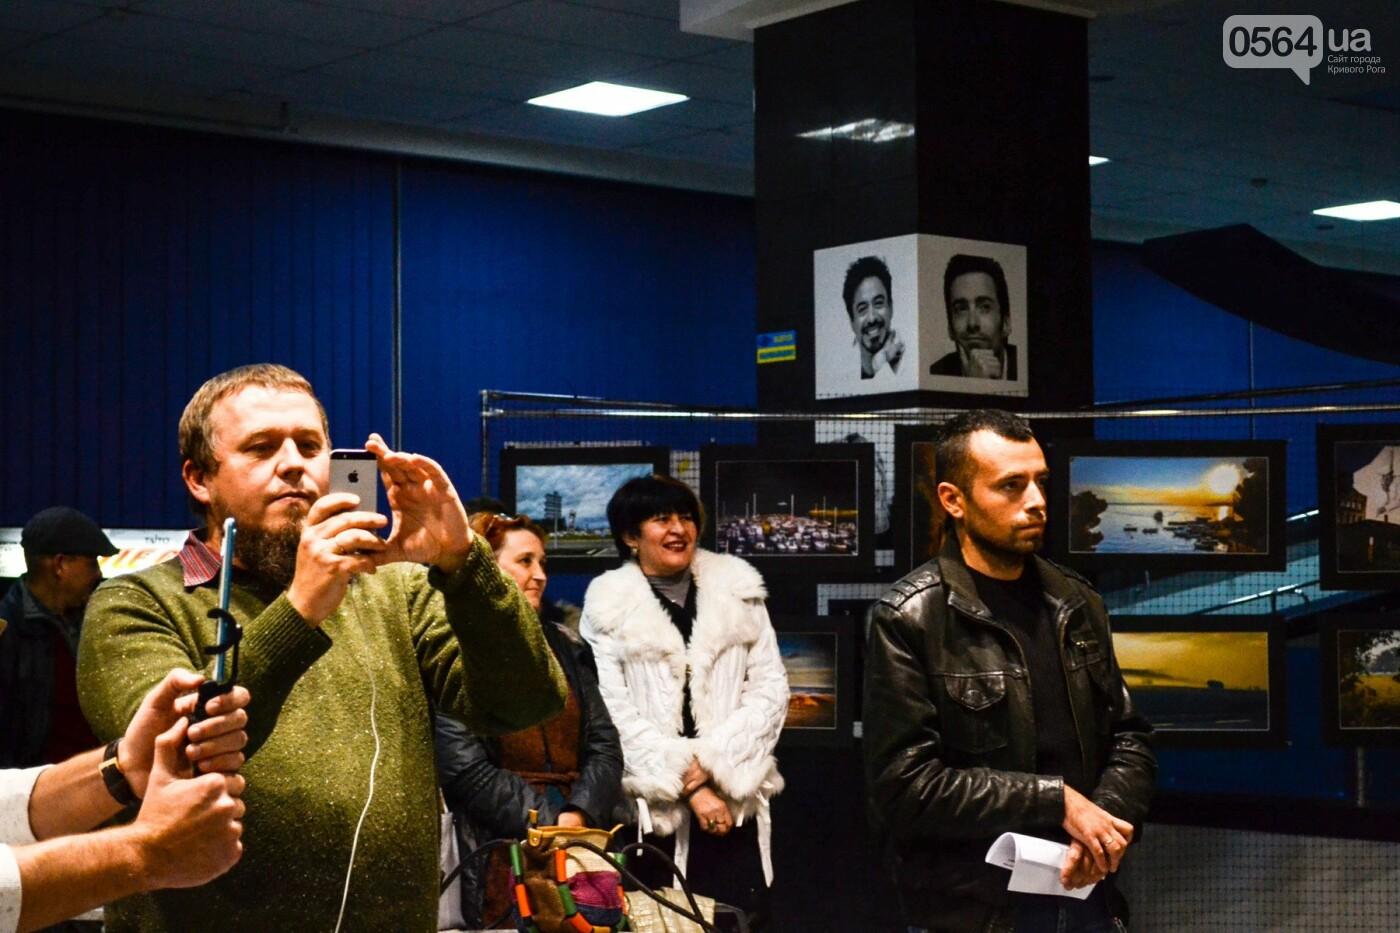 """""""Дорогами Европы"""": в Кривом Роге проходит уникальная фотовыставка ветерана АТО, - ФОТО, ВИДЕО, фото-7"""